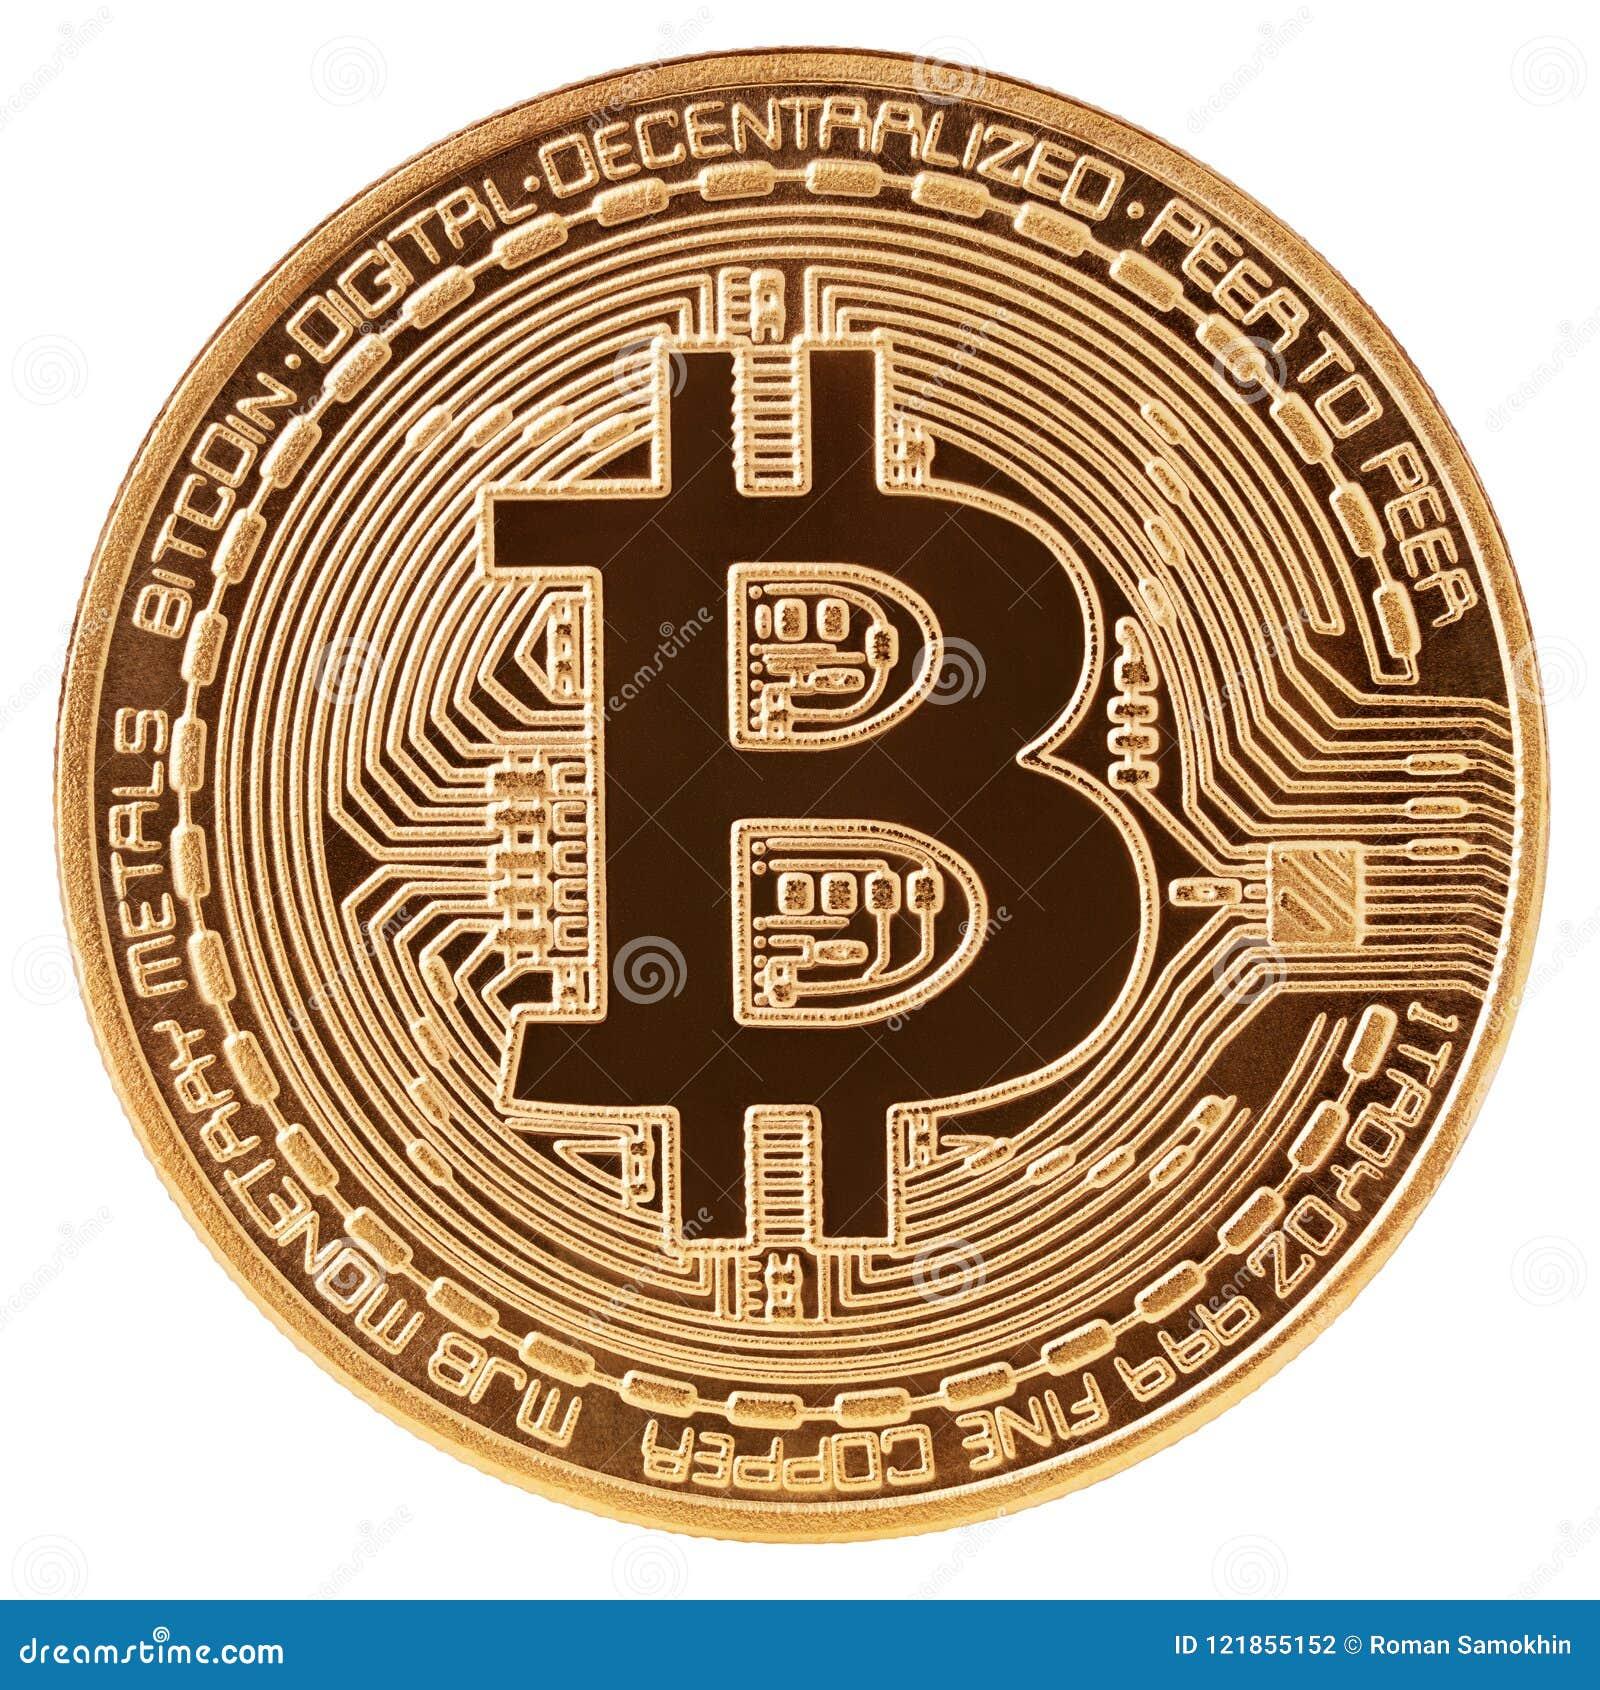 Posso usar uma colher de chá para investir em bitcoin